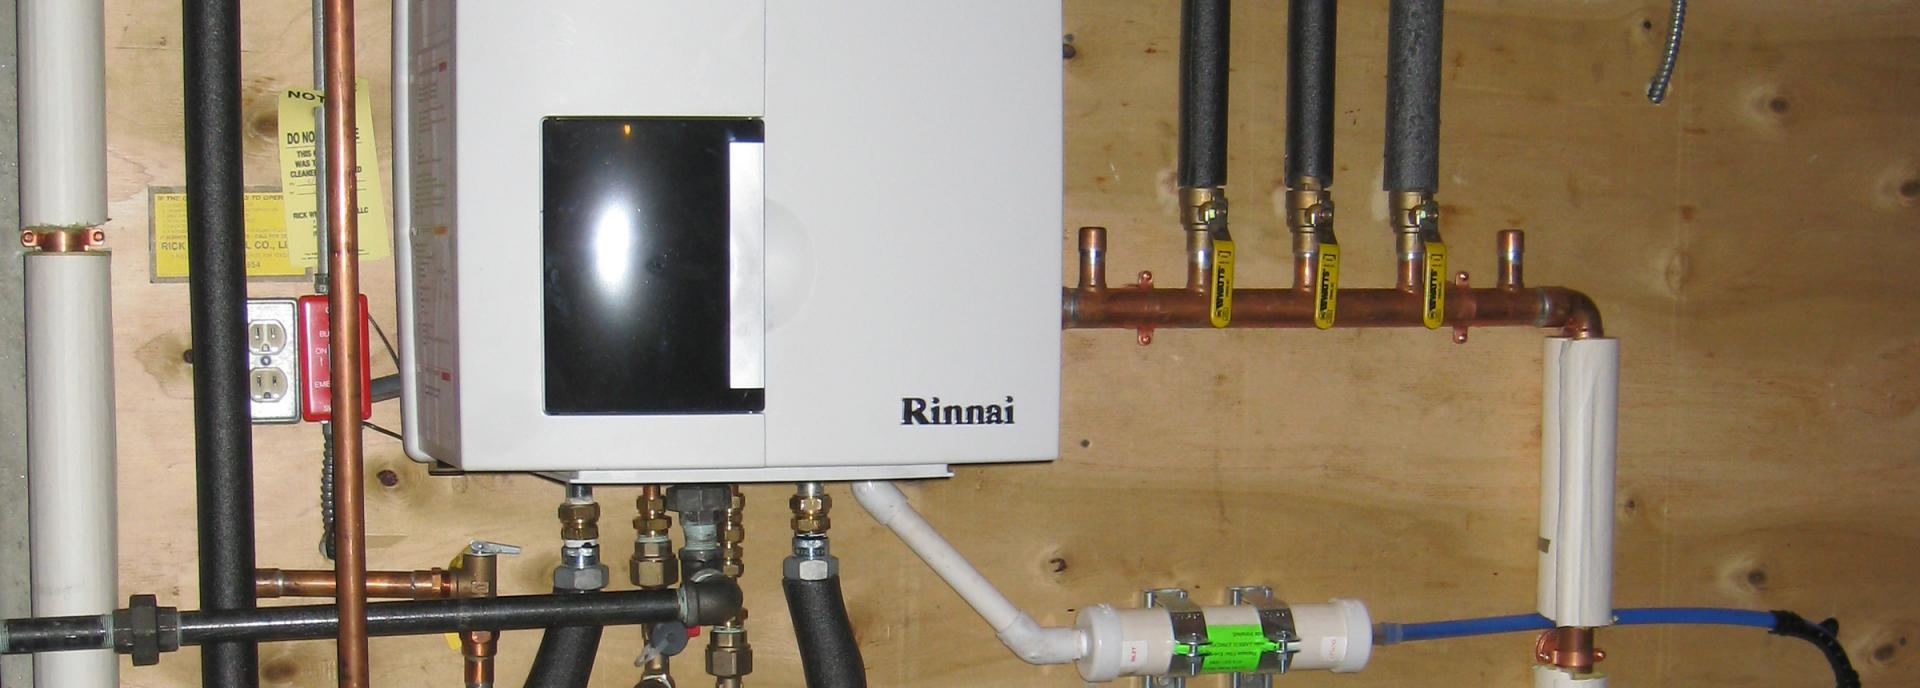 medium resolution of understanding a boiler install rinnai america navien wiring diagrams rinnai wiring diagram